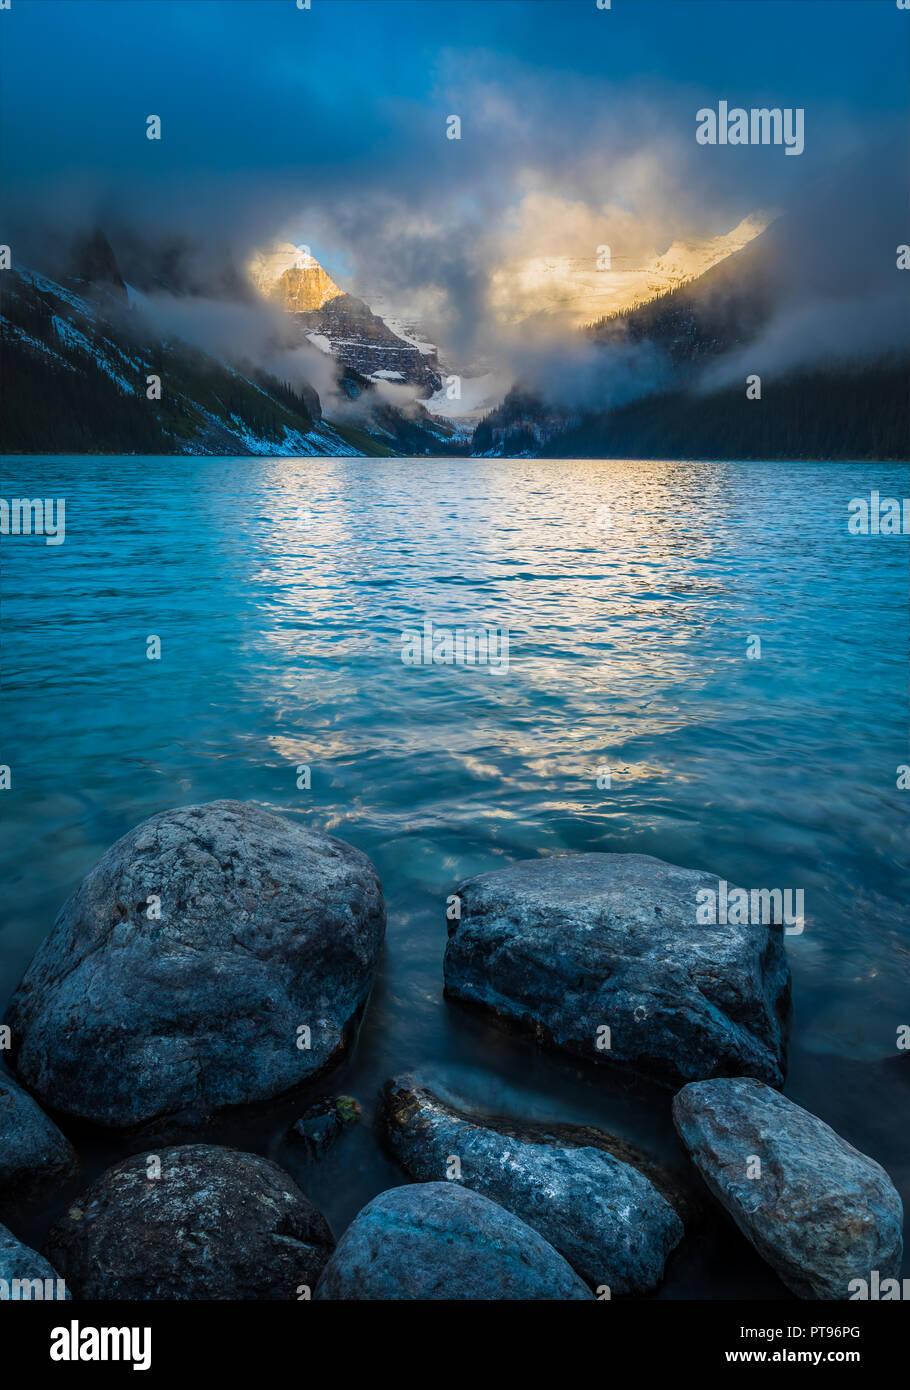 Lake Louise, genannt See Der kleine Fische von der Stoney Nakota Ureinwohner, ist ein Gletschersee im Banff National Park in Alberta, Canad Stockbild